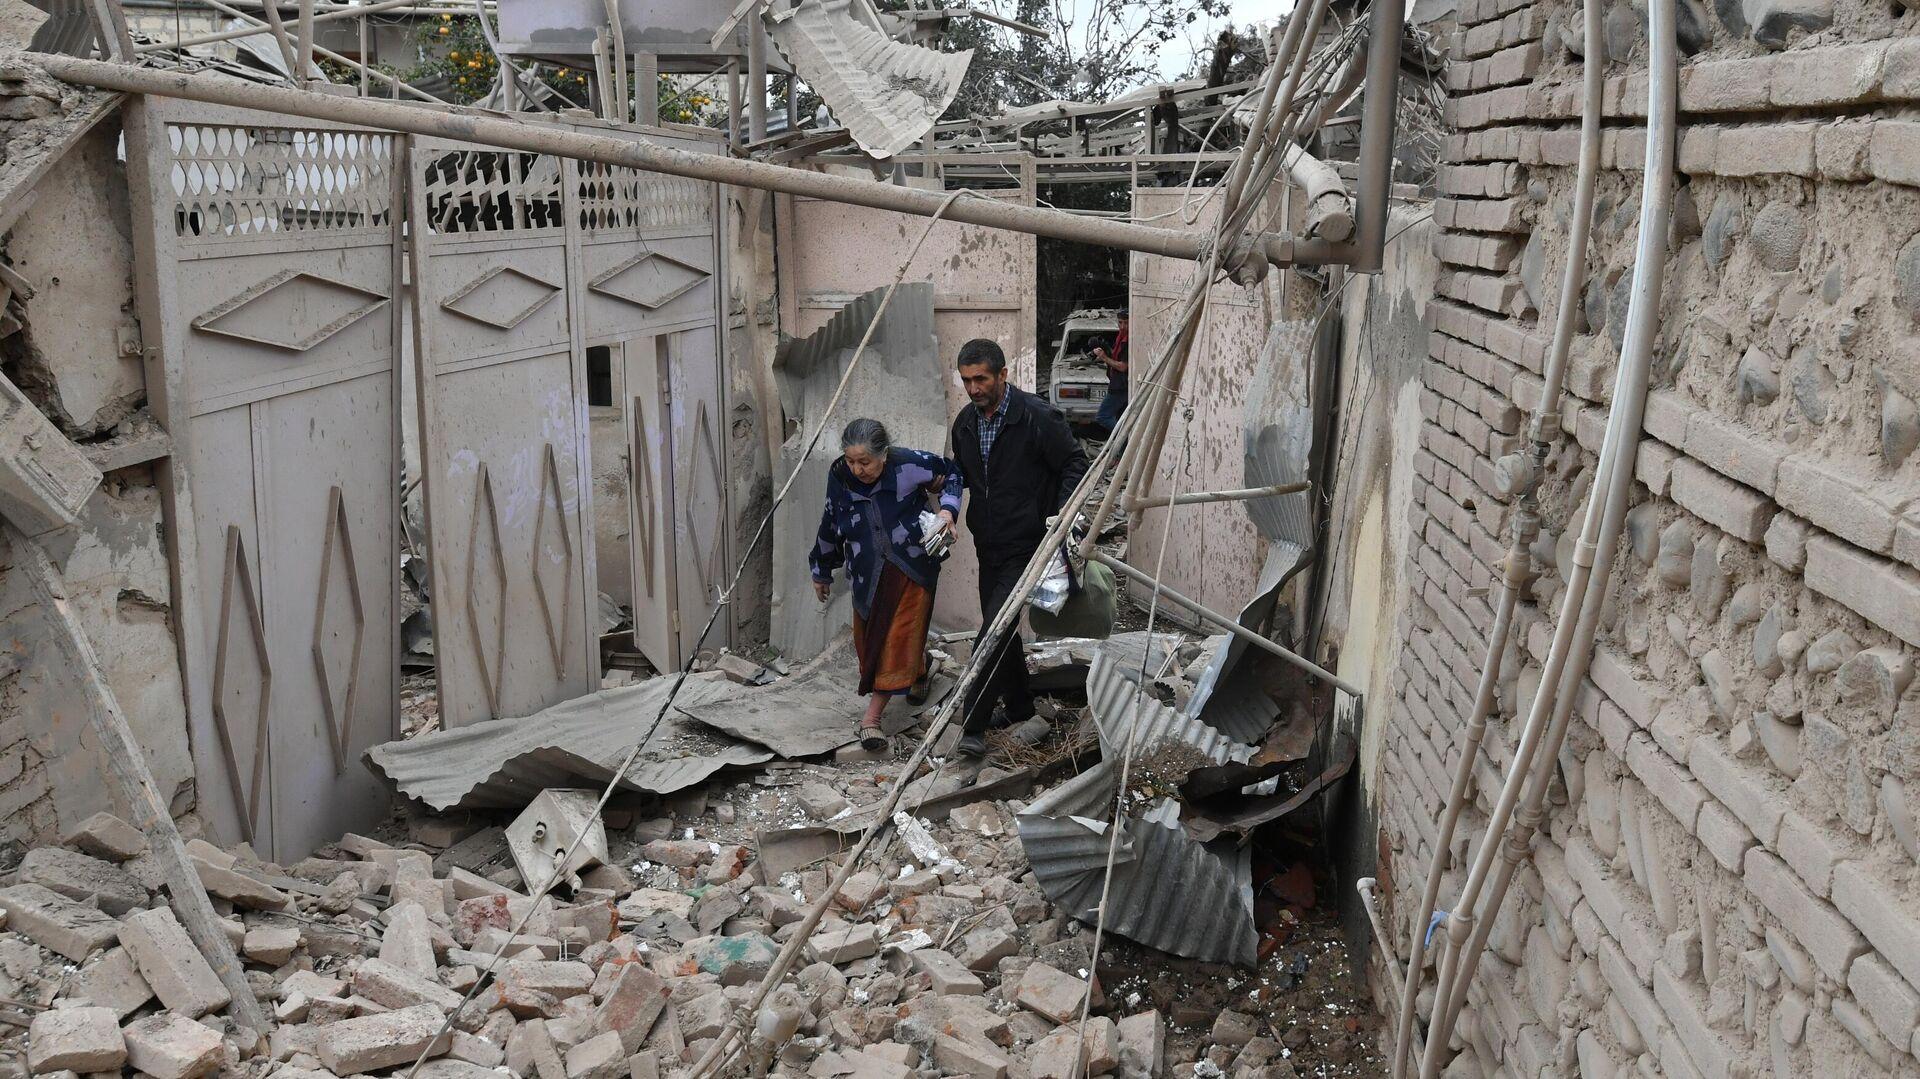 Жители дома, разрушенного в результате обстрела города Гянджа - РИА Новости, 1920, 05.10.2020